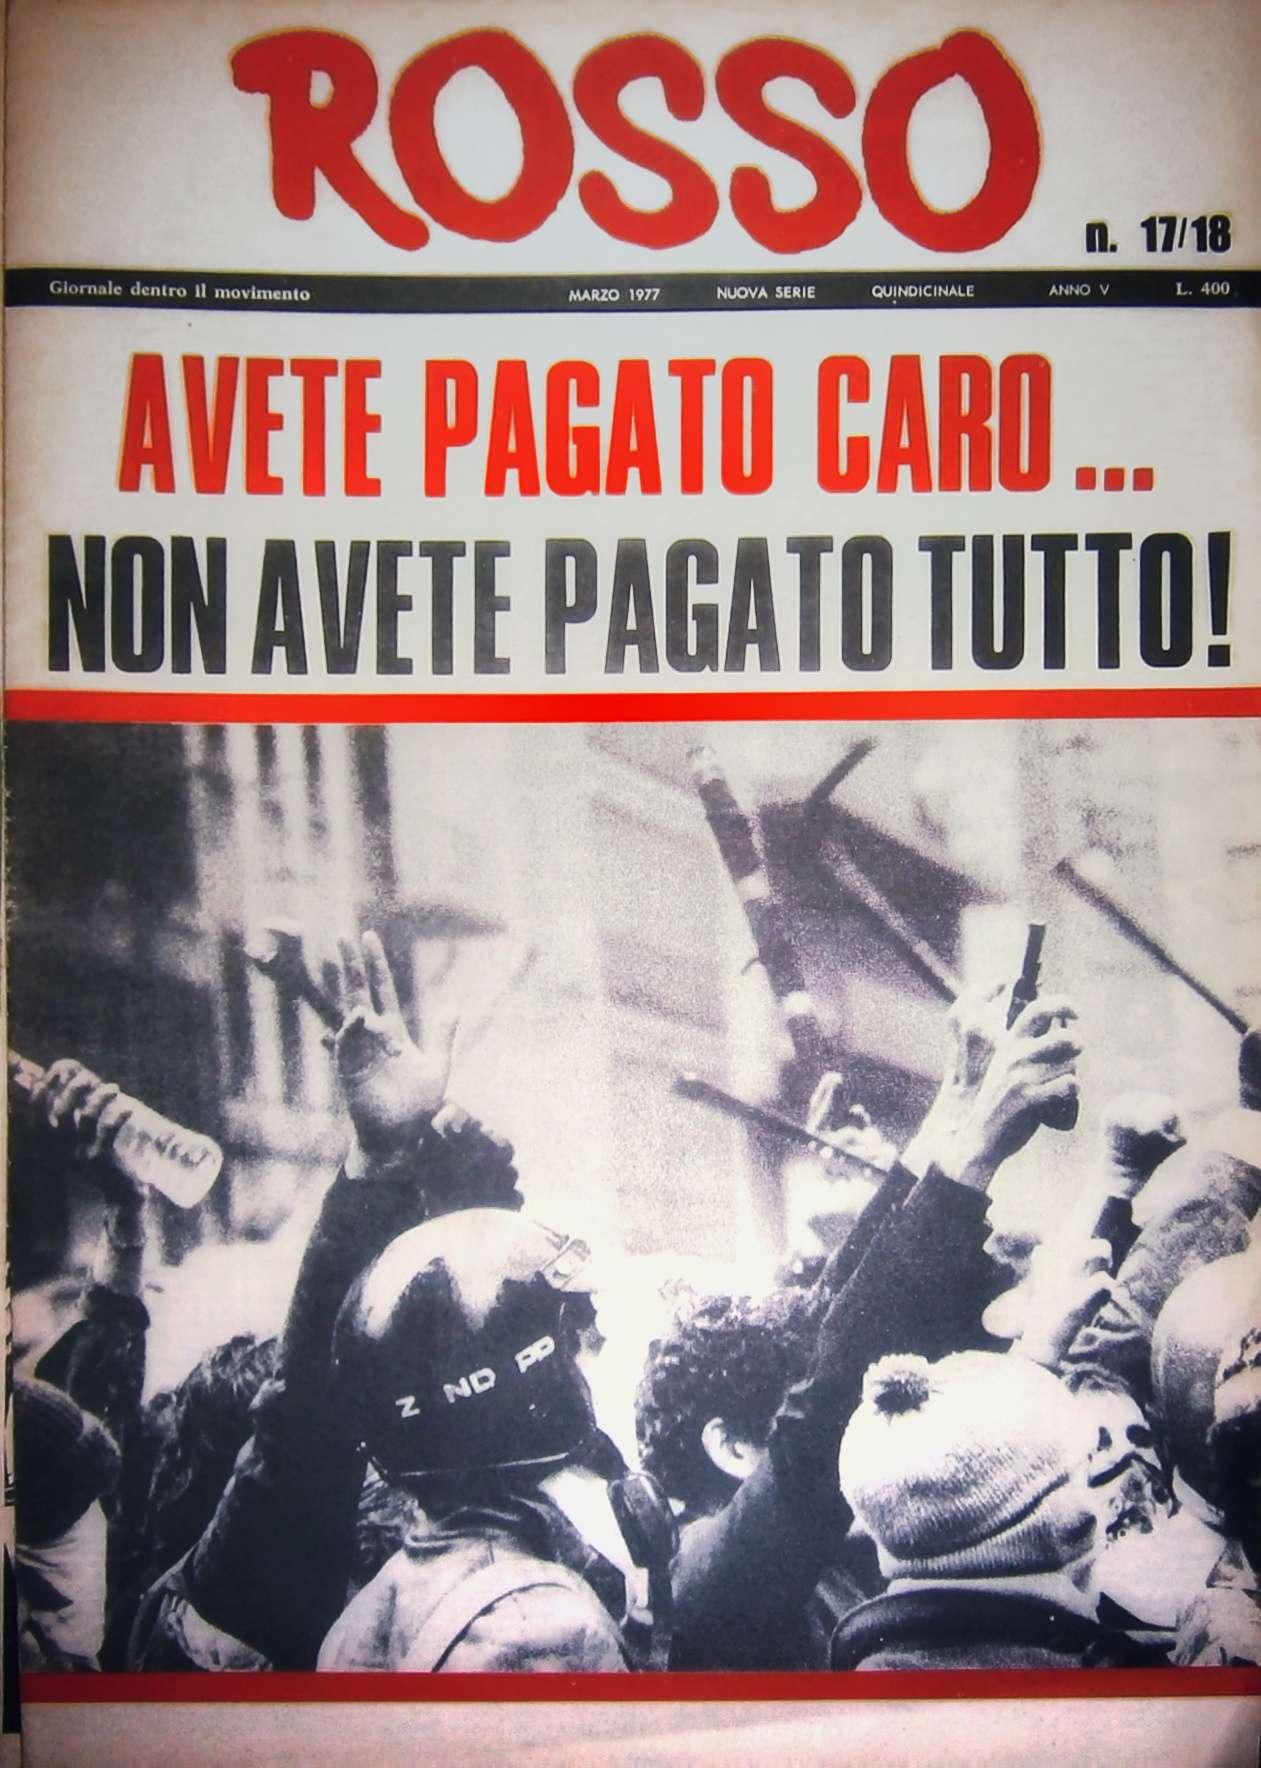 Rosso n. 17/18 (marzo 1977). Milano, Gruppo Gramsci.